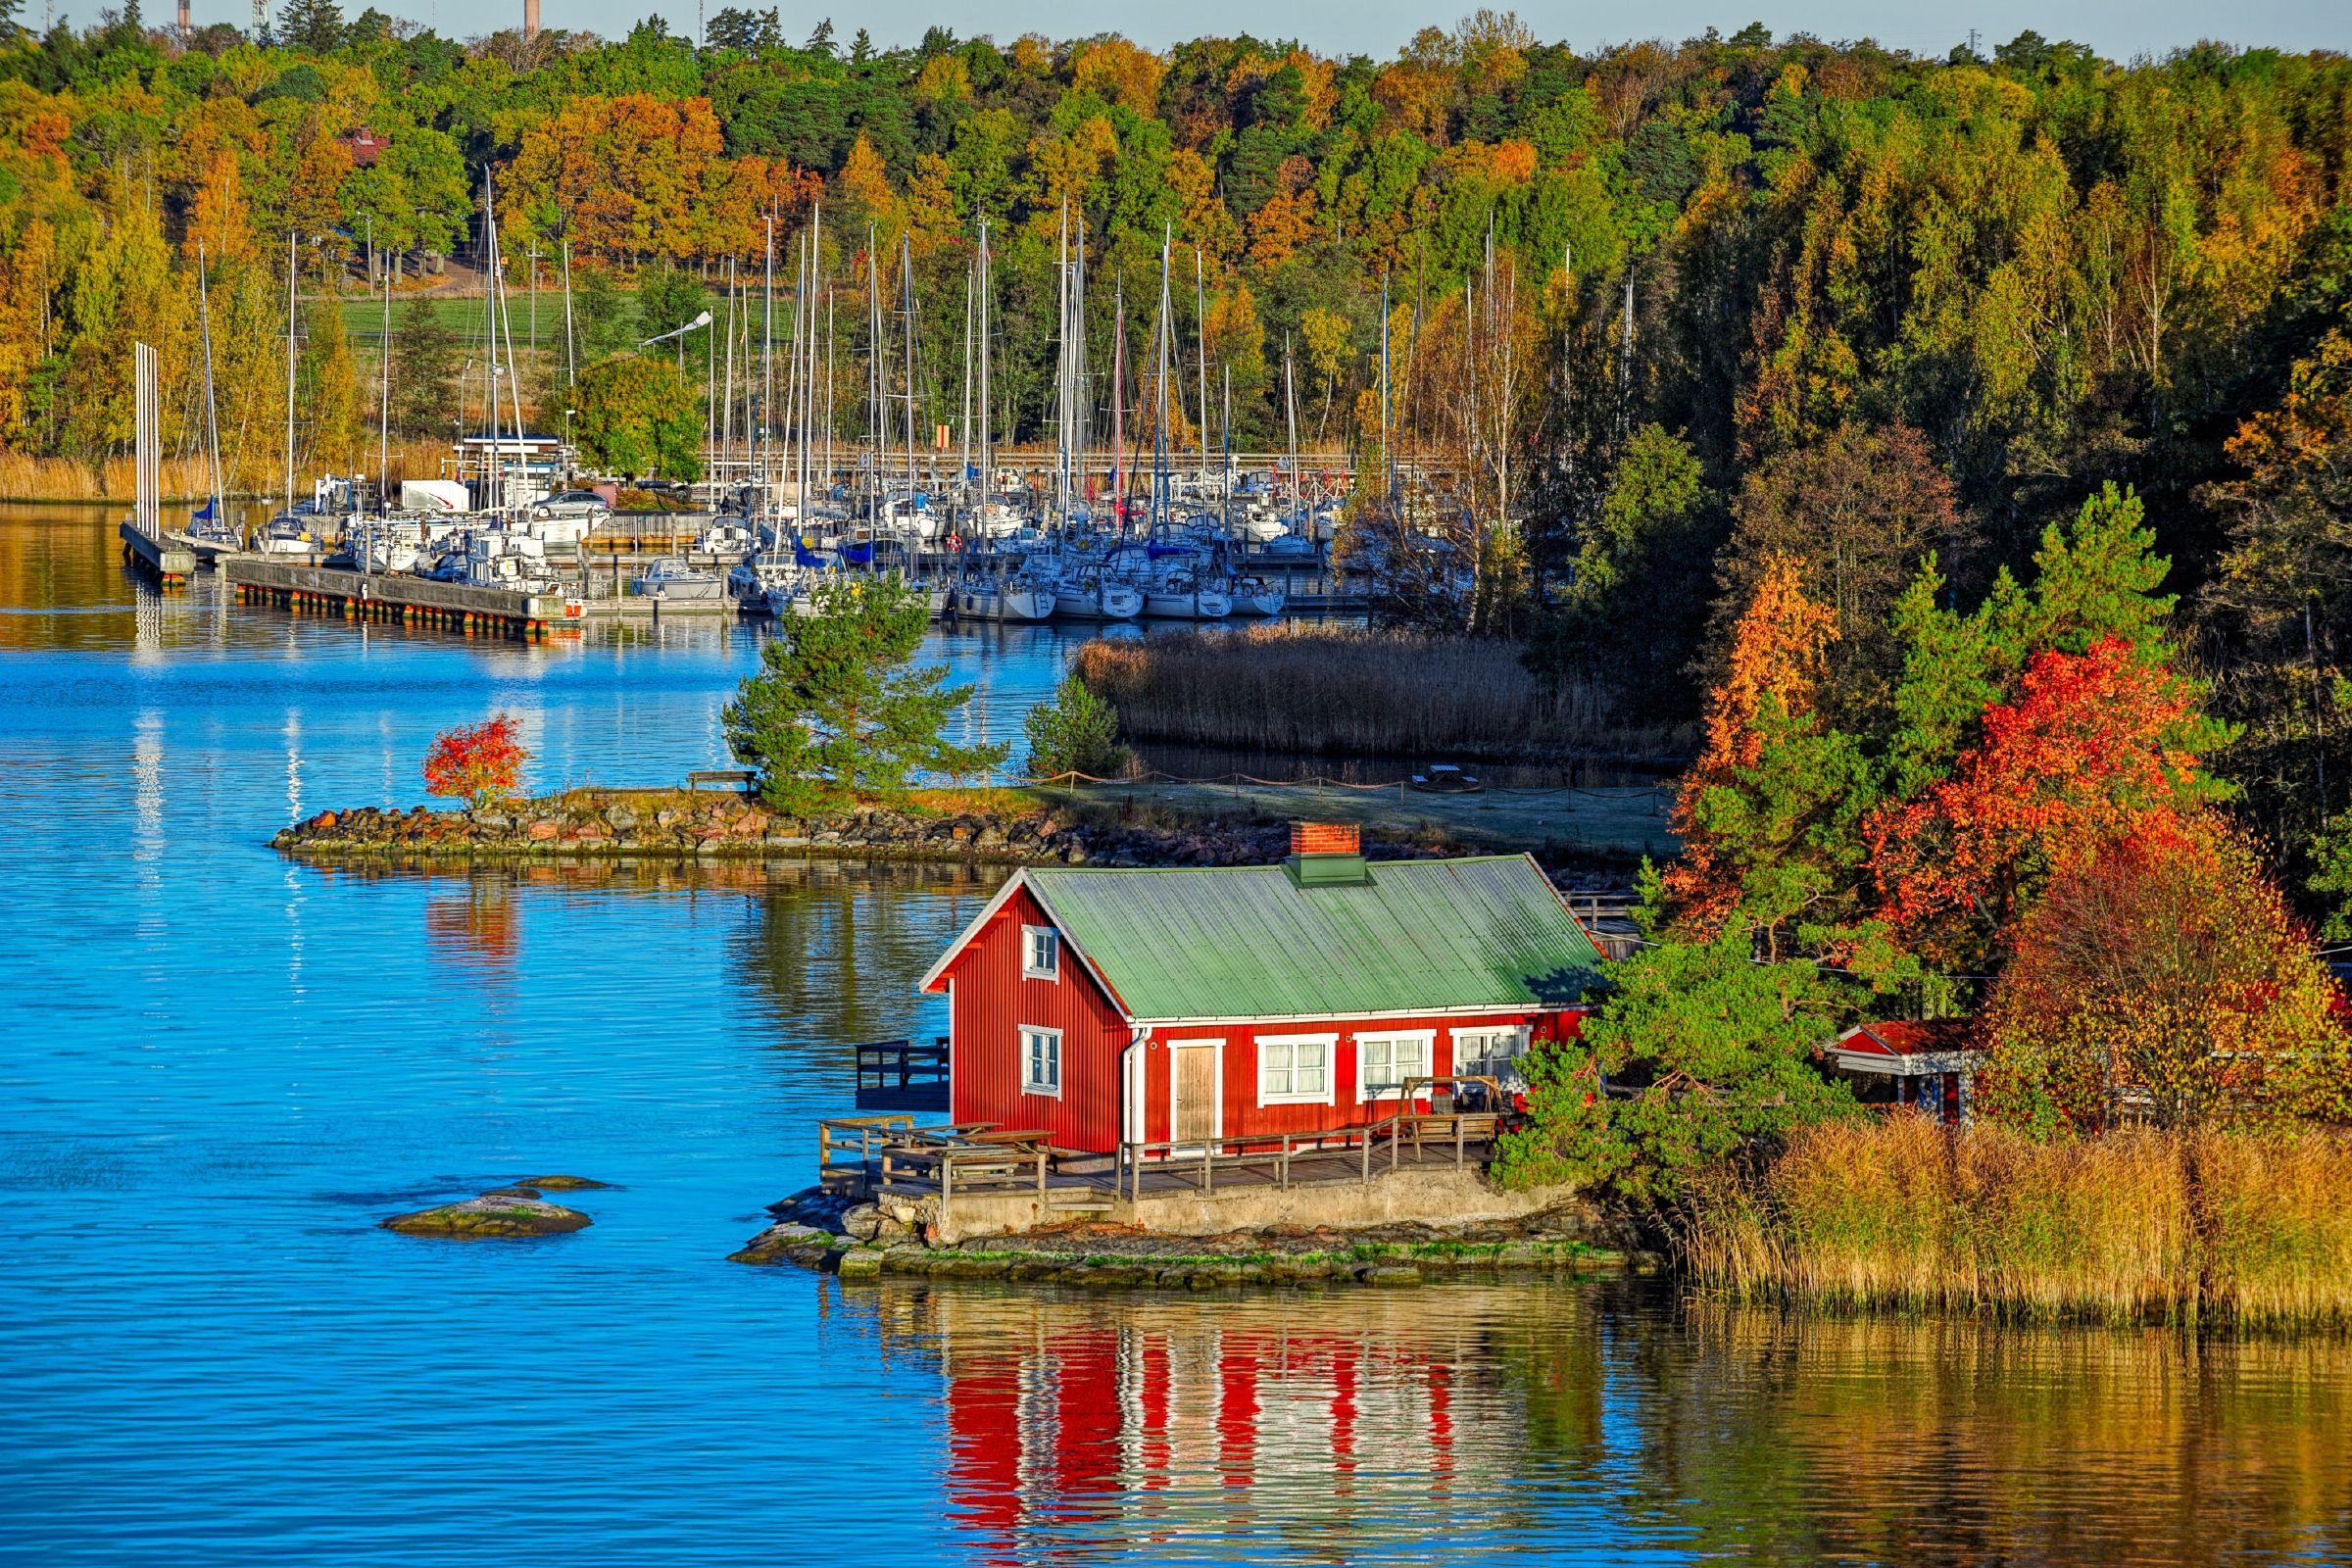 Autumnal Turku, Finland / ©Igor Grochev/Shutterstock